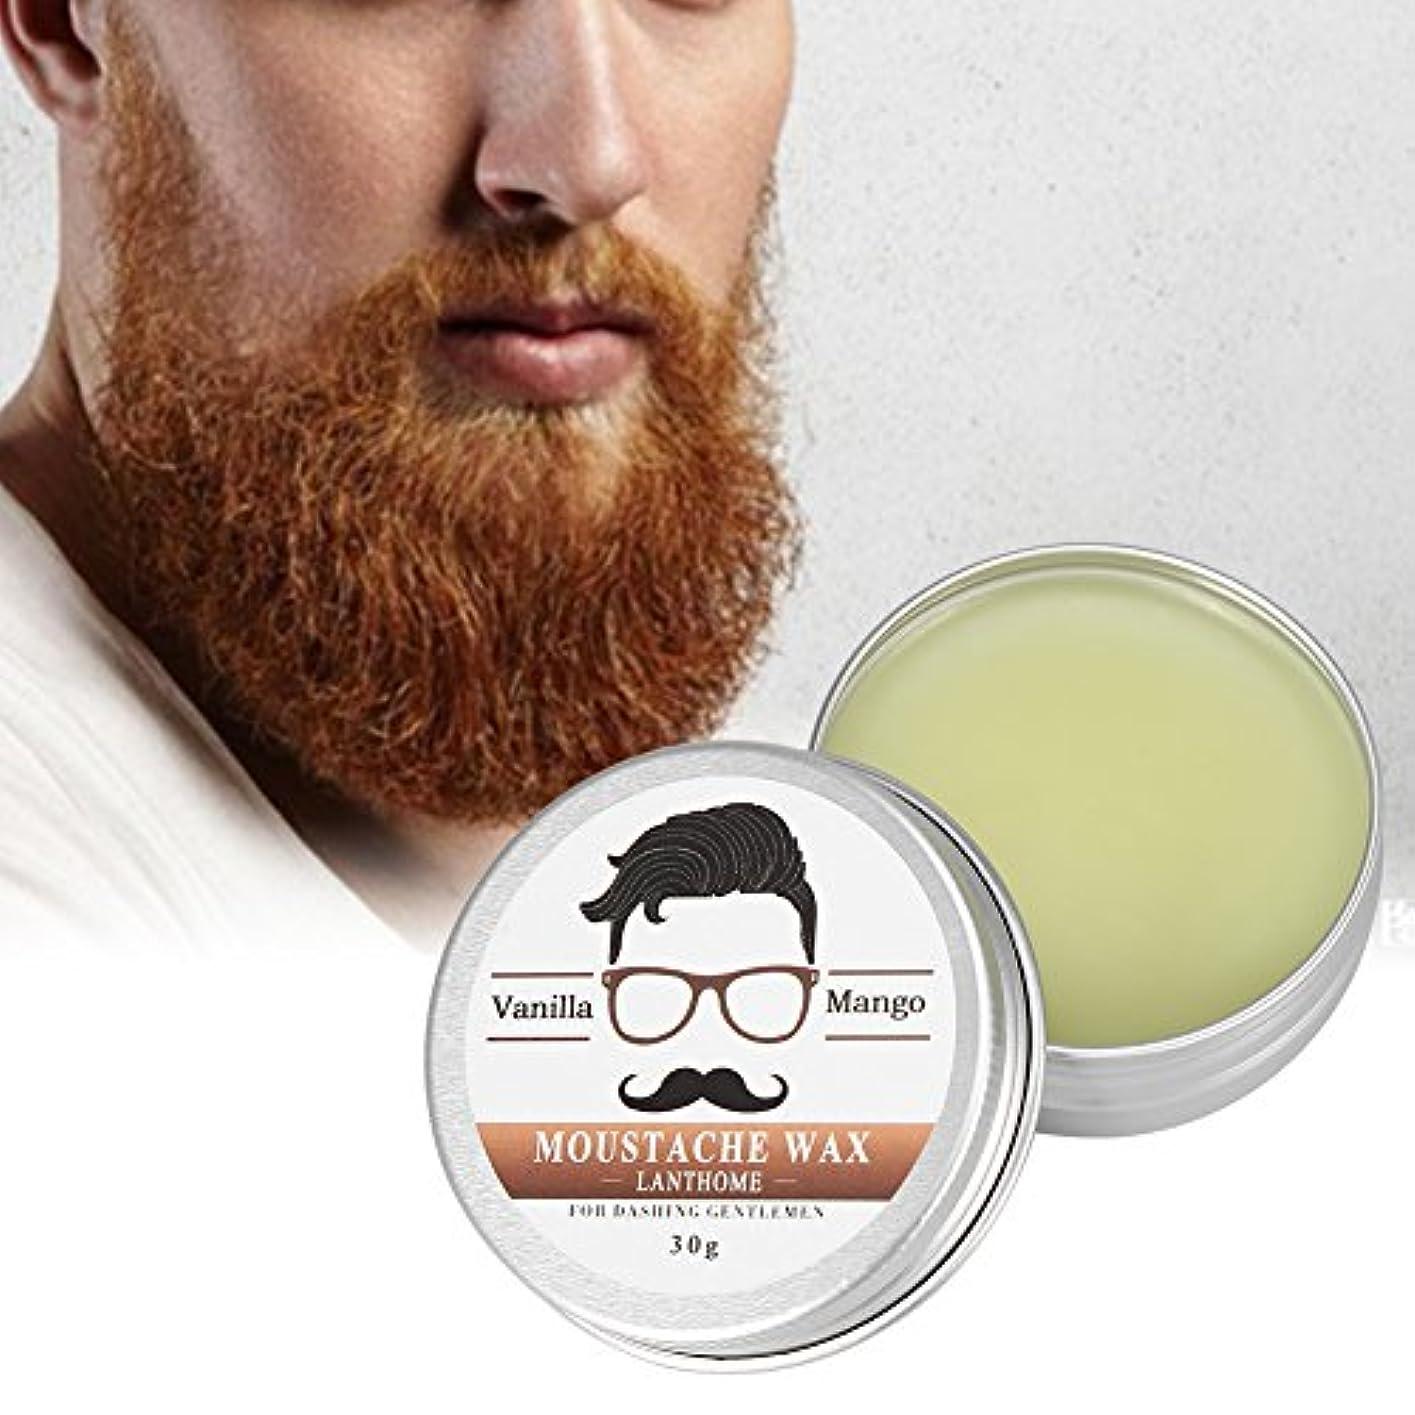 アコード迷路猟犬ビアードワックス ひげクリーム 口髭用 ワックス バーム 男性用 保湿 滋養 ひげ根 ケア